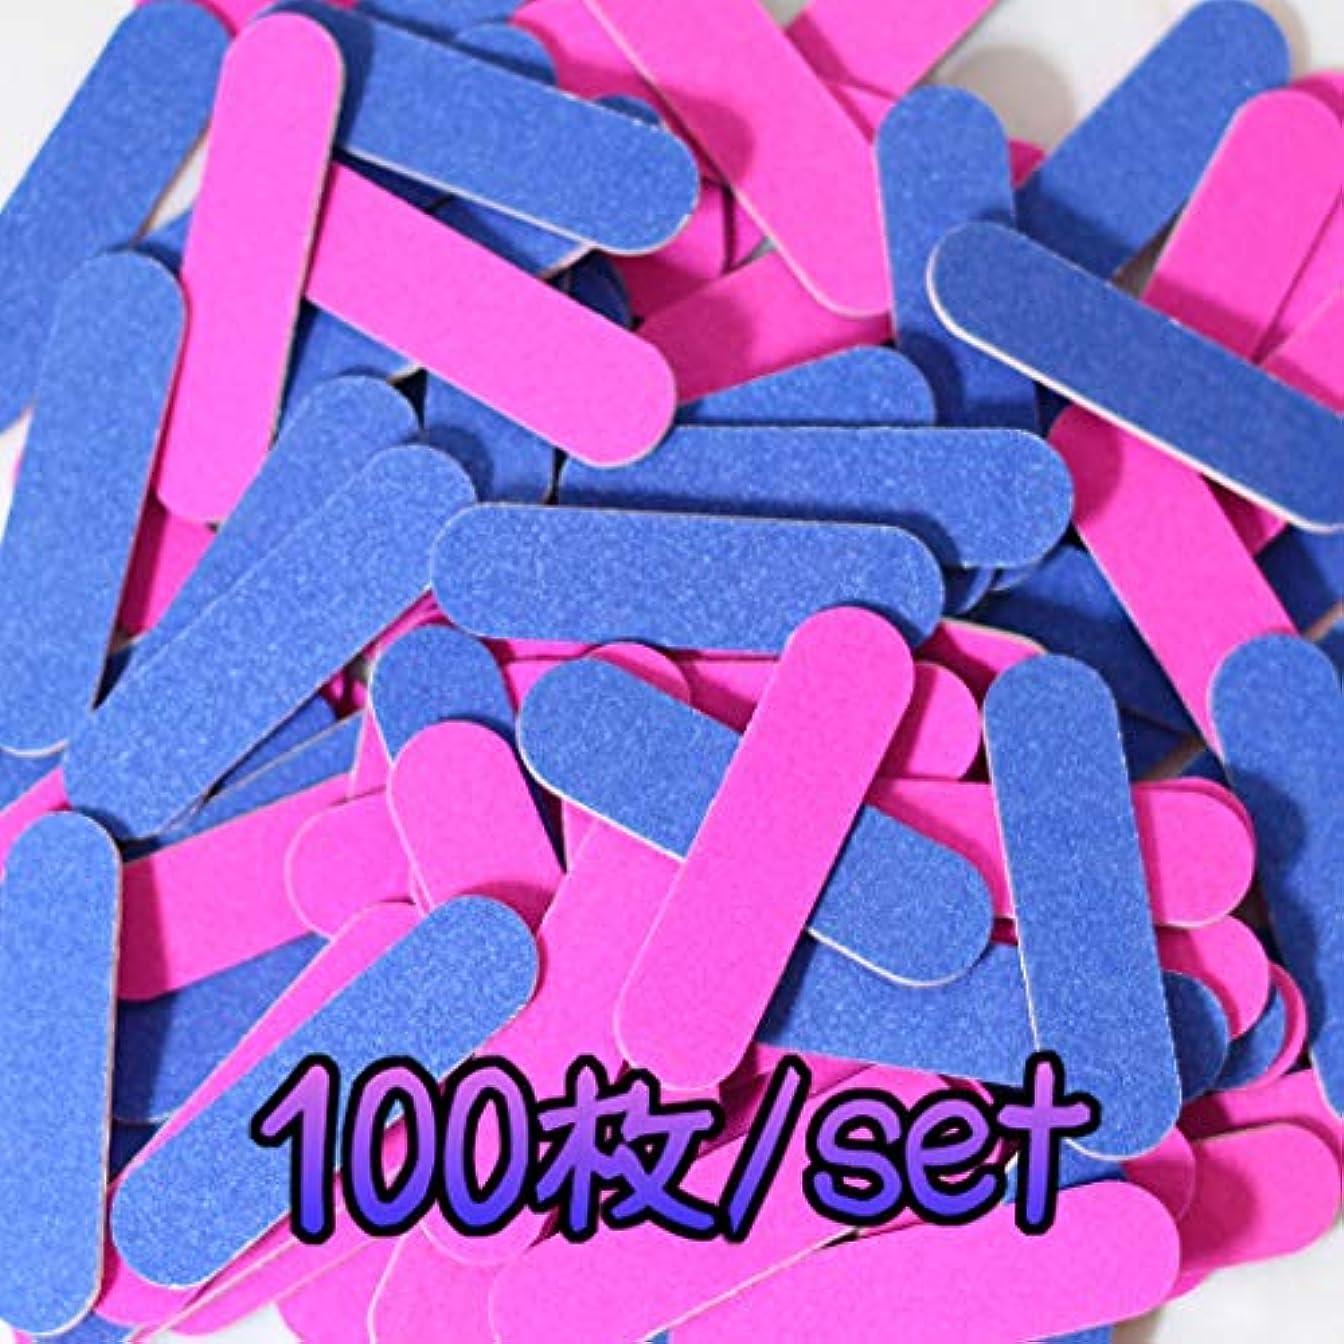 モルヒネカロリー偏心Cali&Brita ネイルファイル 爪やすり 大容量 100枚セット エメリーボード 100/180 グリッド